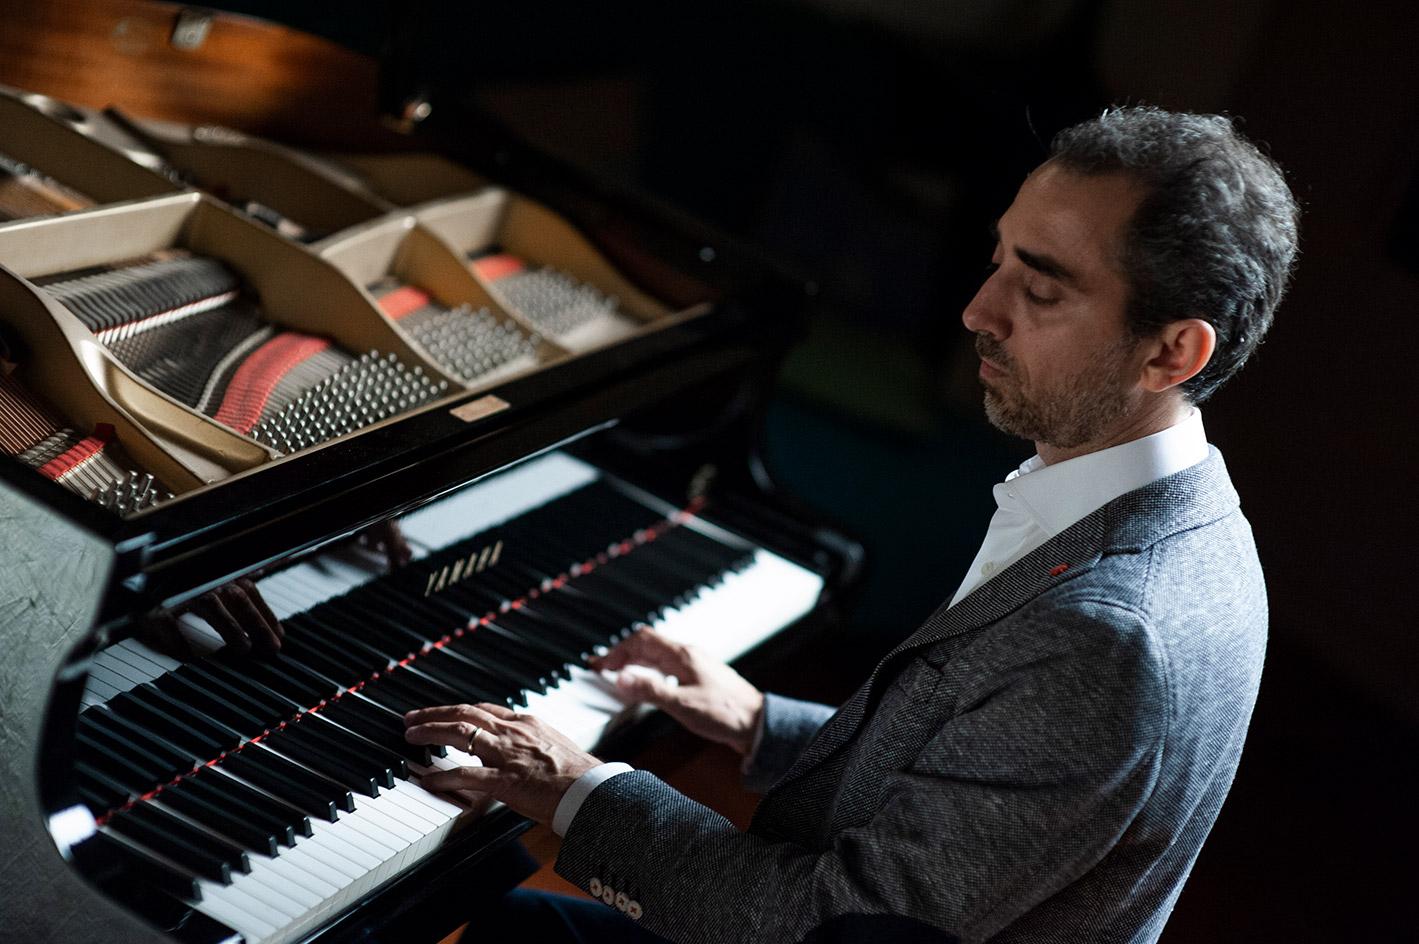 Italian pianist Fabio di Biase